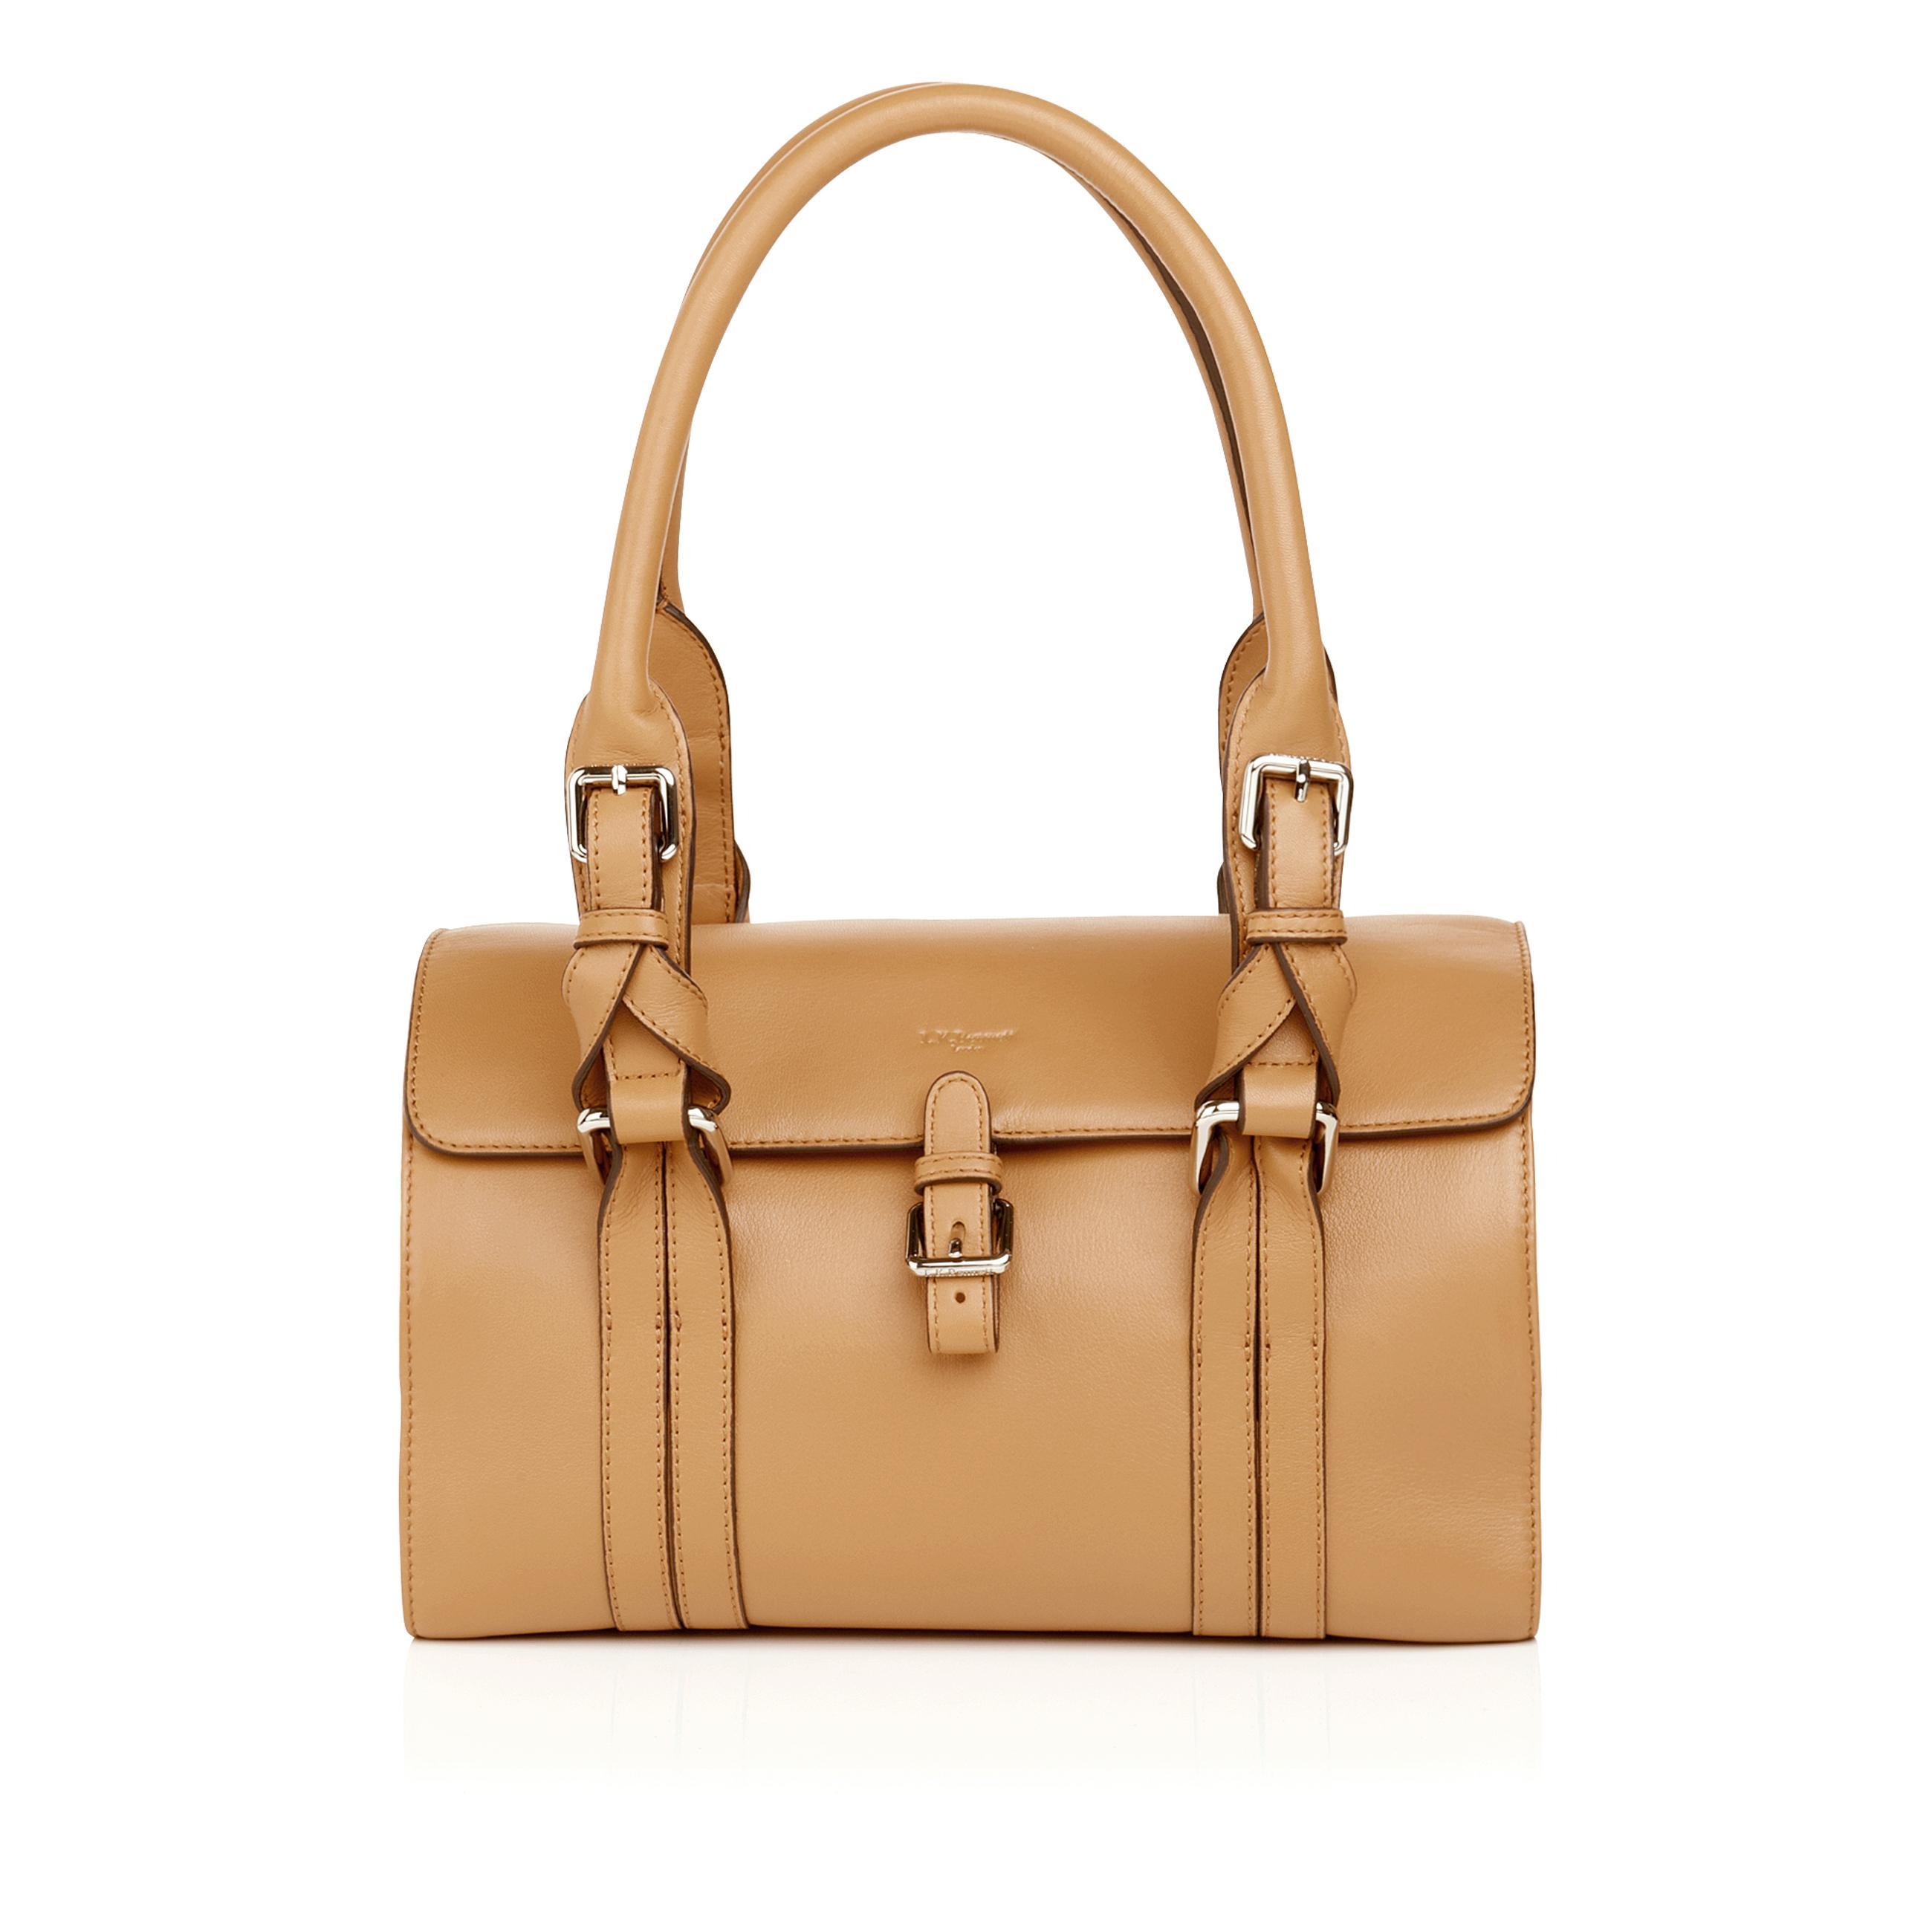 50cbf1458614 Emeline Small Leather Shoulder Bag